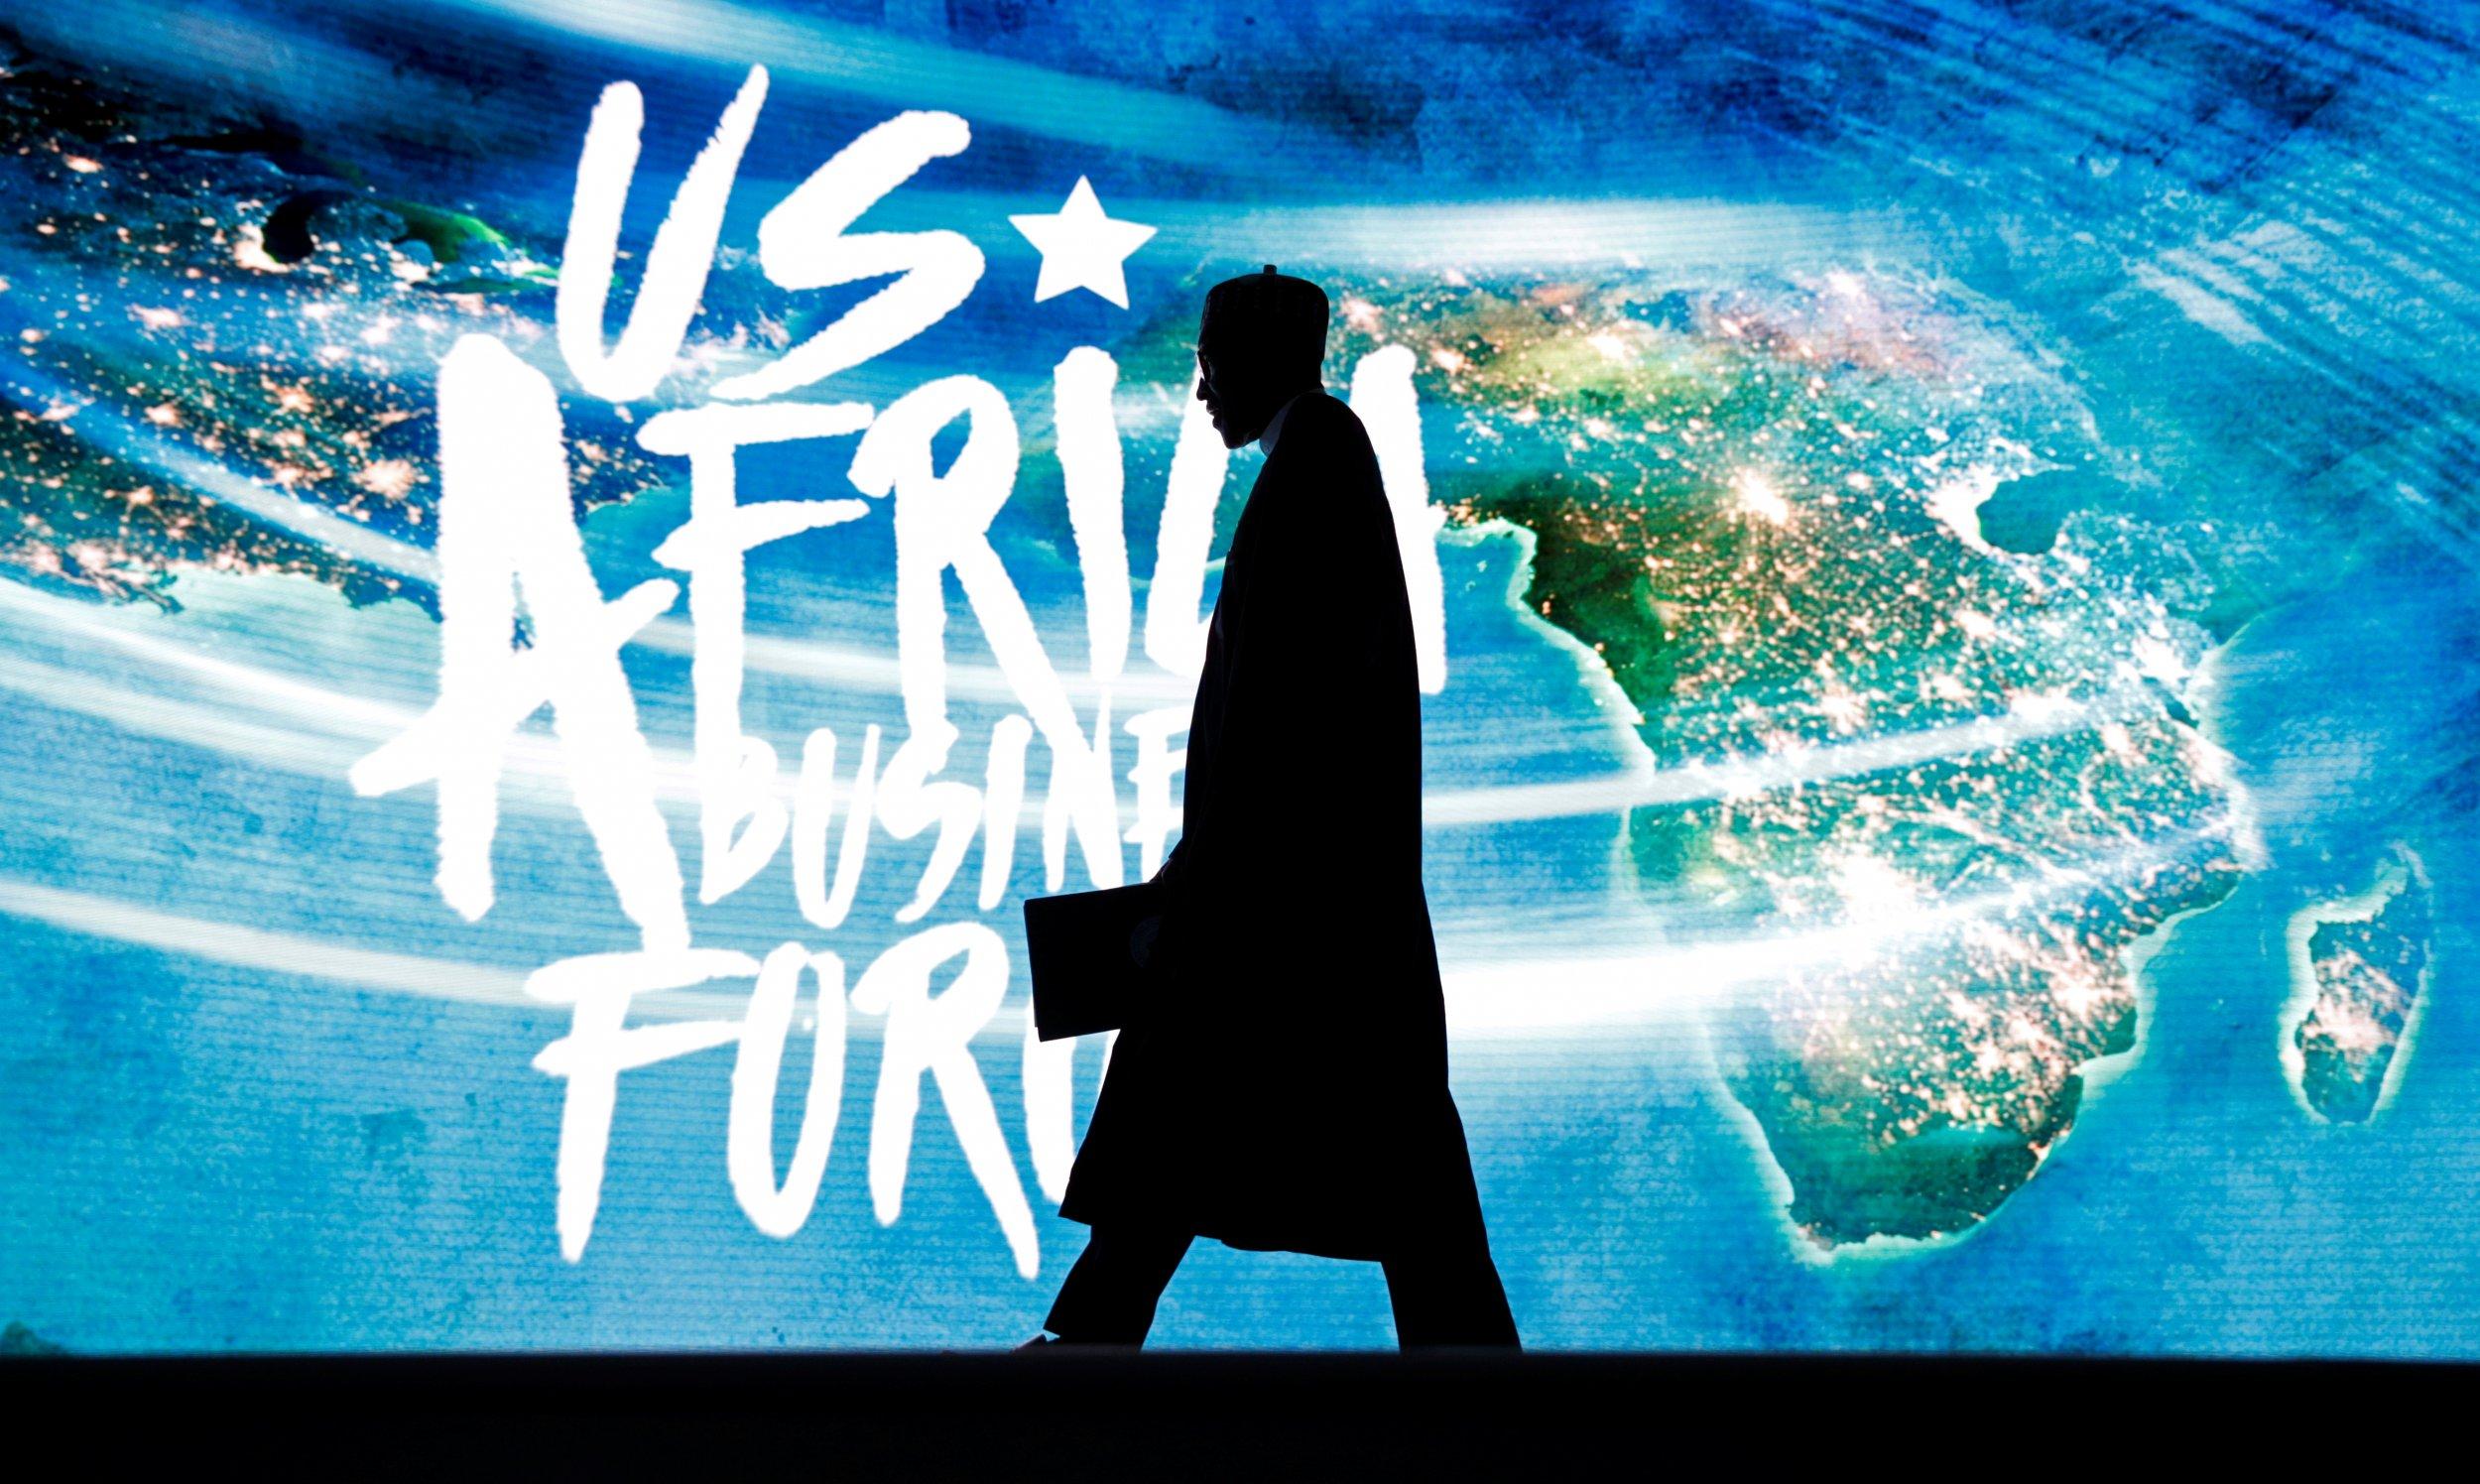 Muhammadu Buhari silhouette